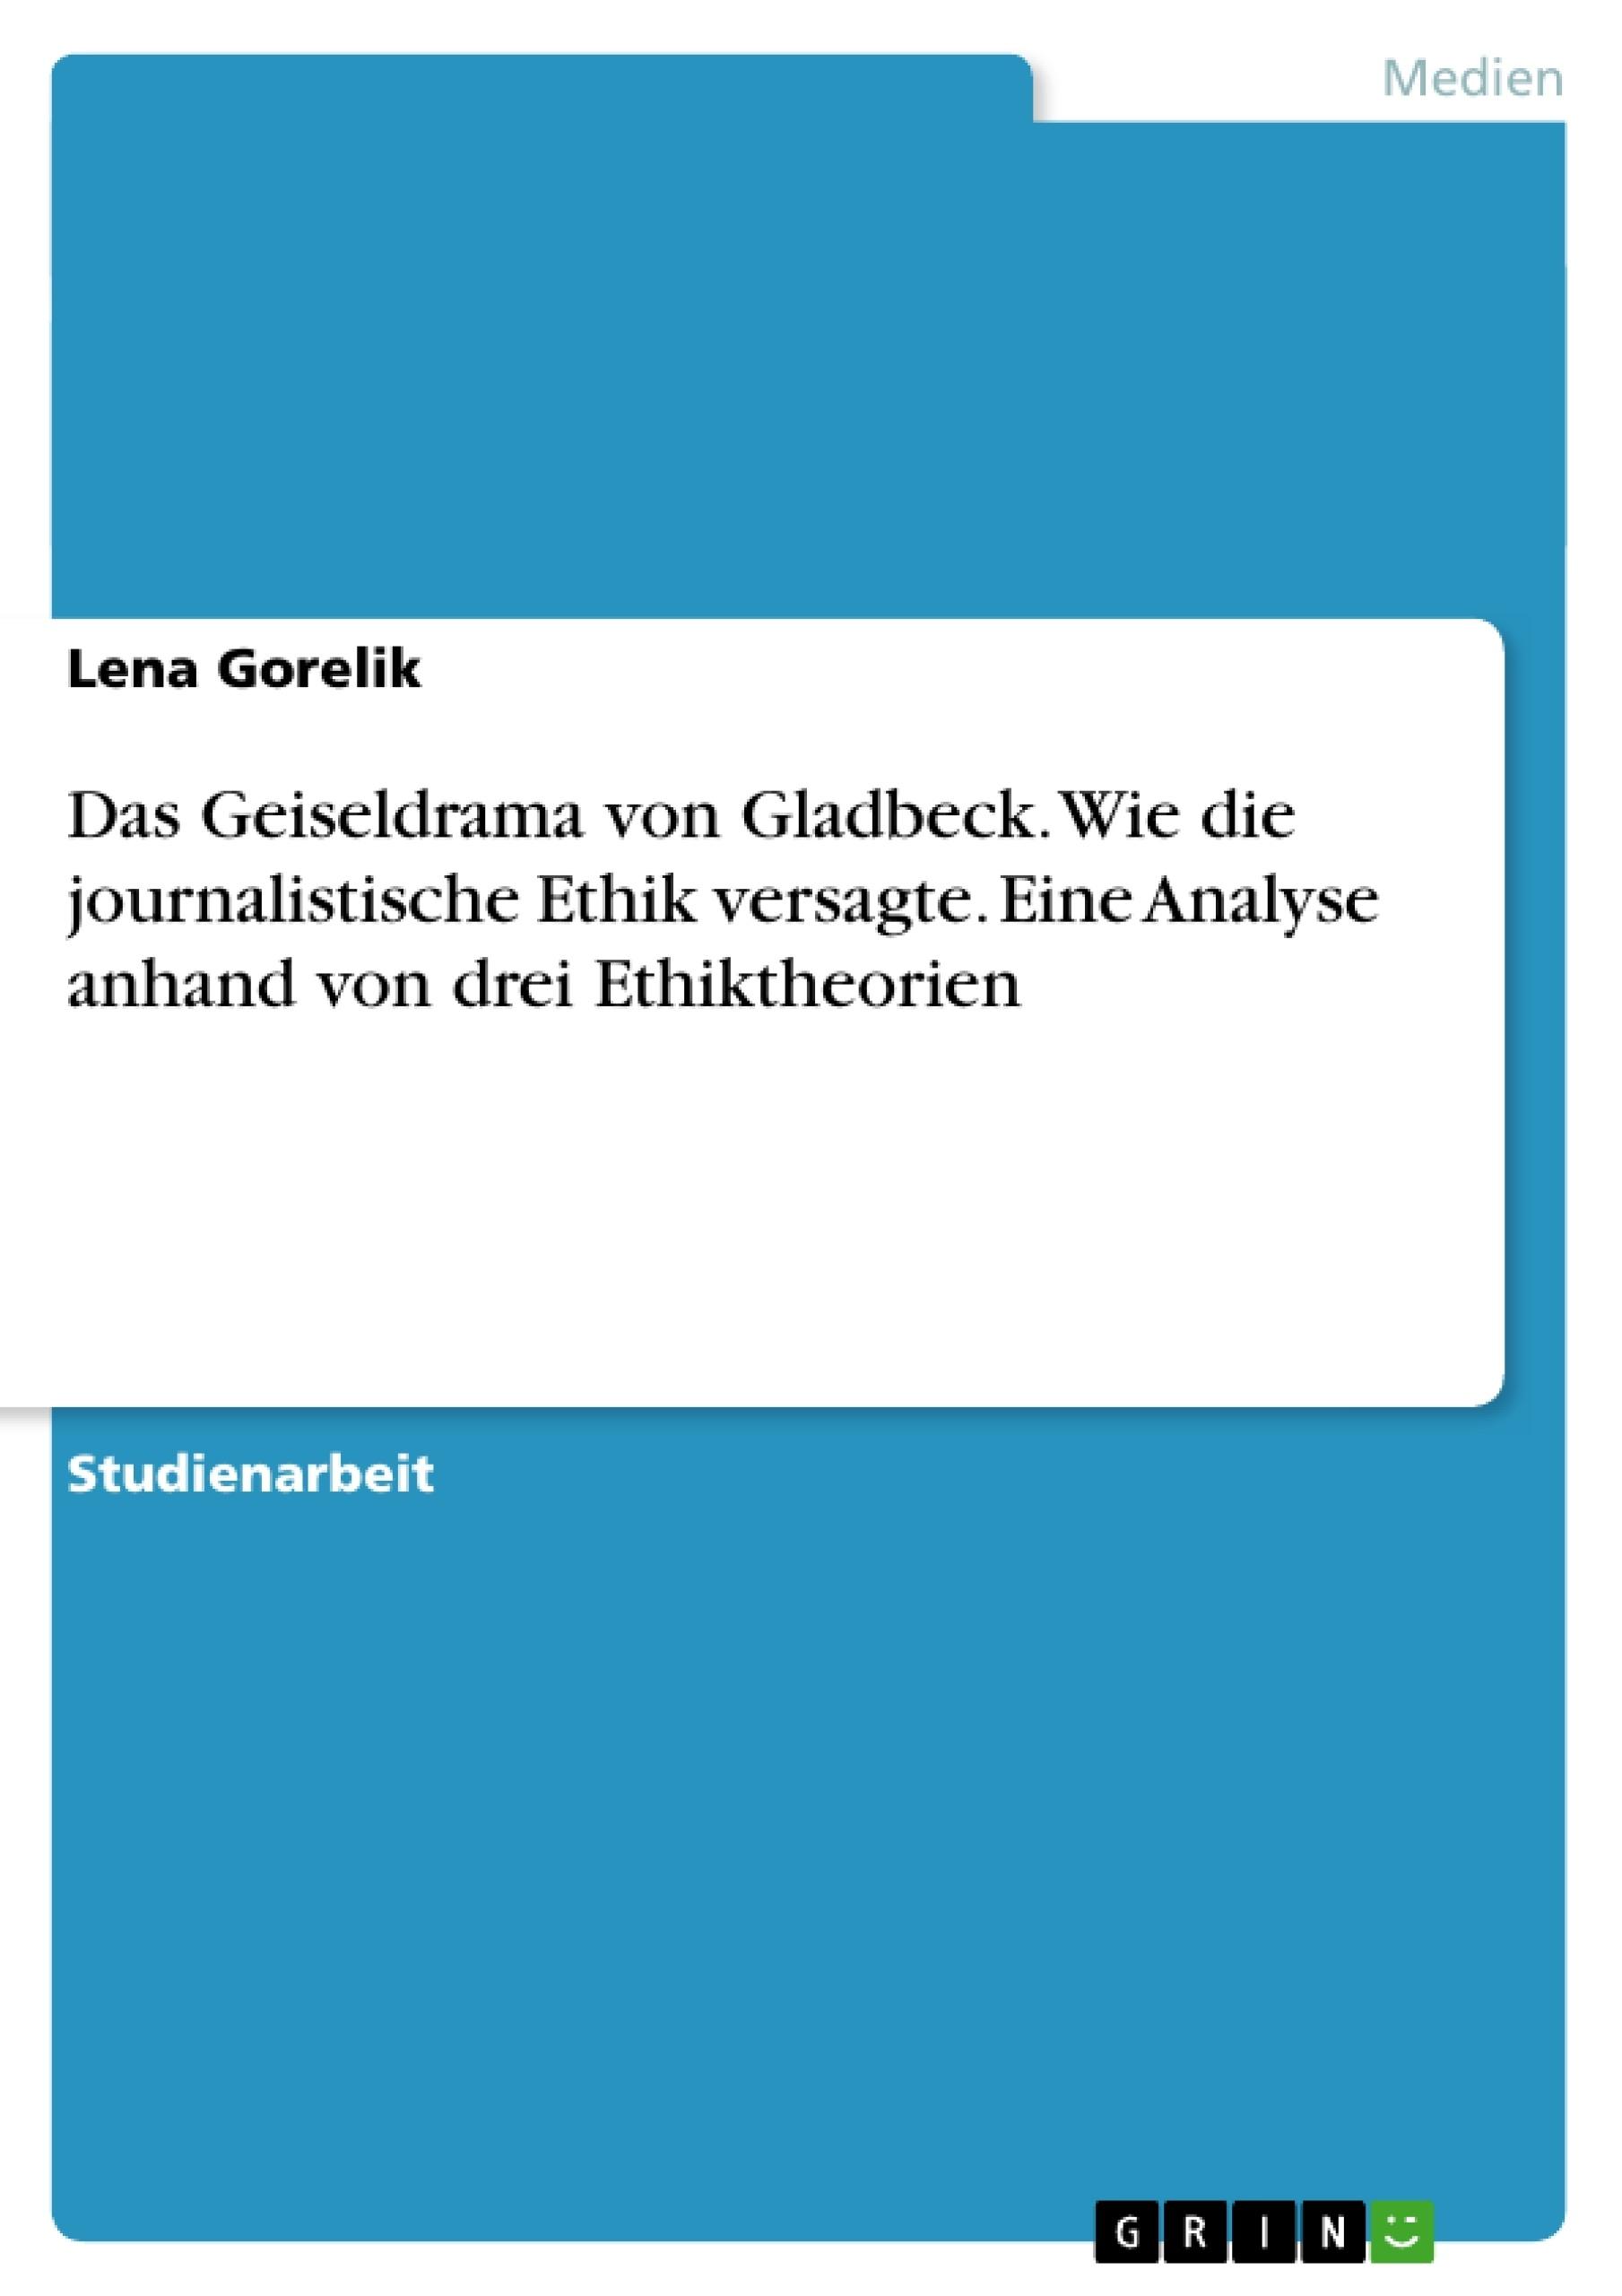 Titel: Das Geiseldrama von Gladbeck. Wie die journalistische Ethik versagte. Eine Analyse anhand von drei Ethiktheorien